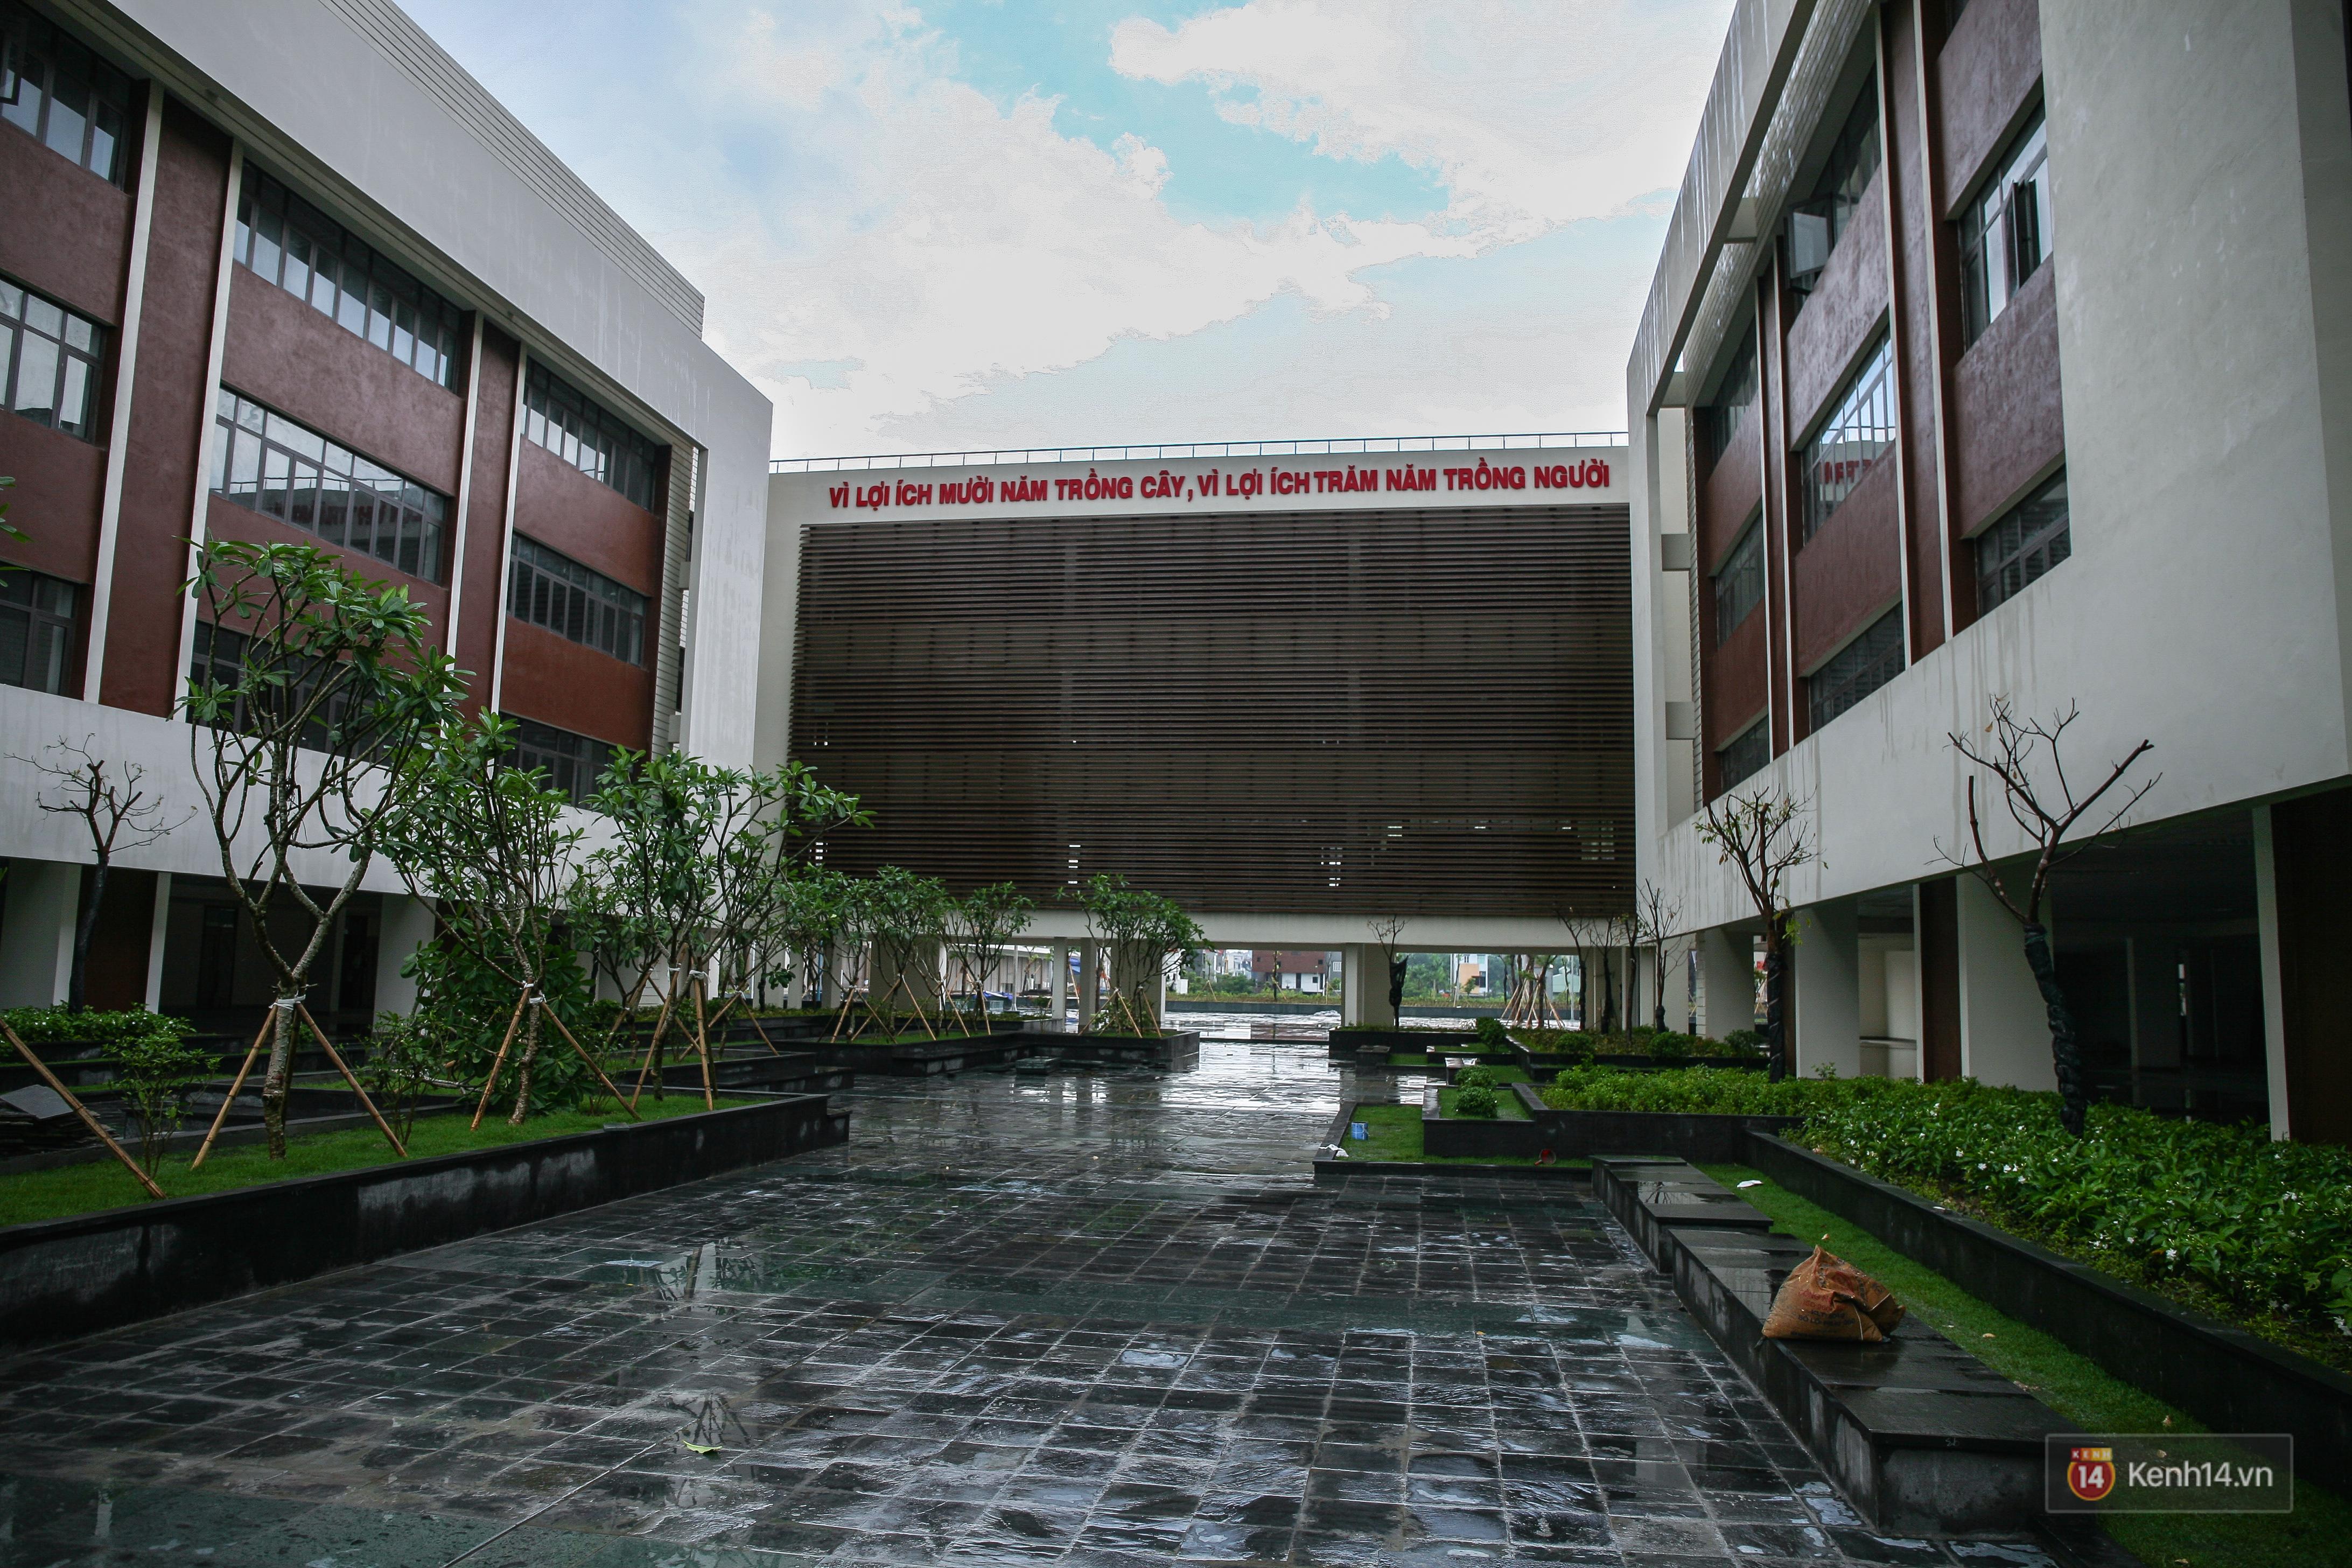 Cận cảnh ngôi trường chuyên 600 tỉ của Bắc Ninh: Đẹp, sang và Tây hết nấc! - Ảnh 6.